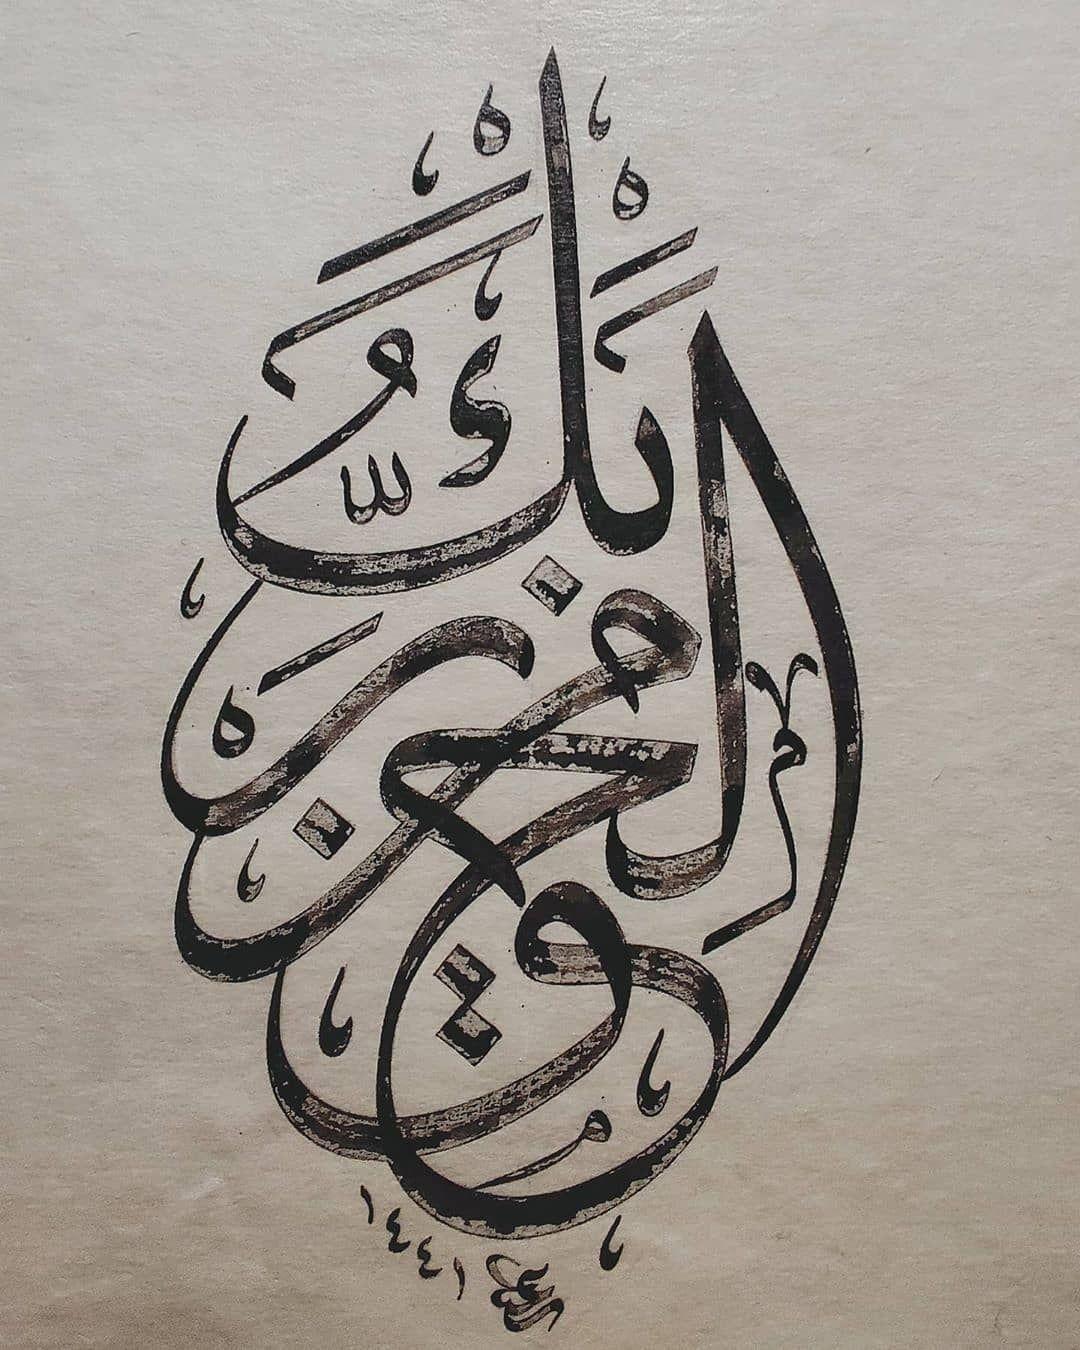 مركز أبجد On Instagram الخطاط سعيد أباذر أوغلو Hattatsaid Islamic Calligraphy Islamic Art Calligraphy Calligraphy Art